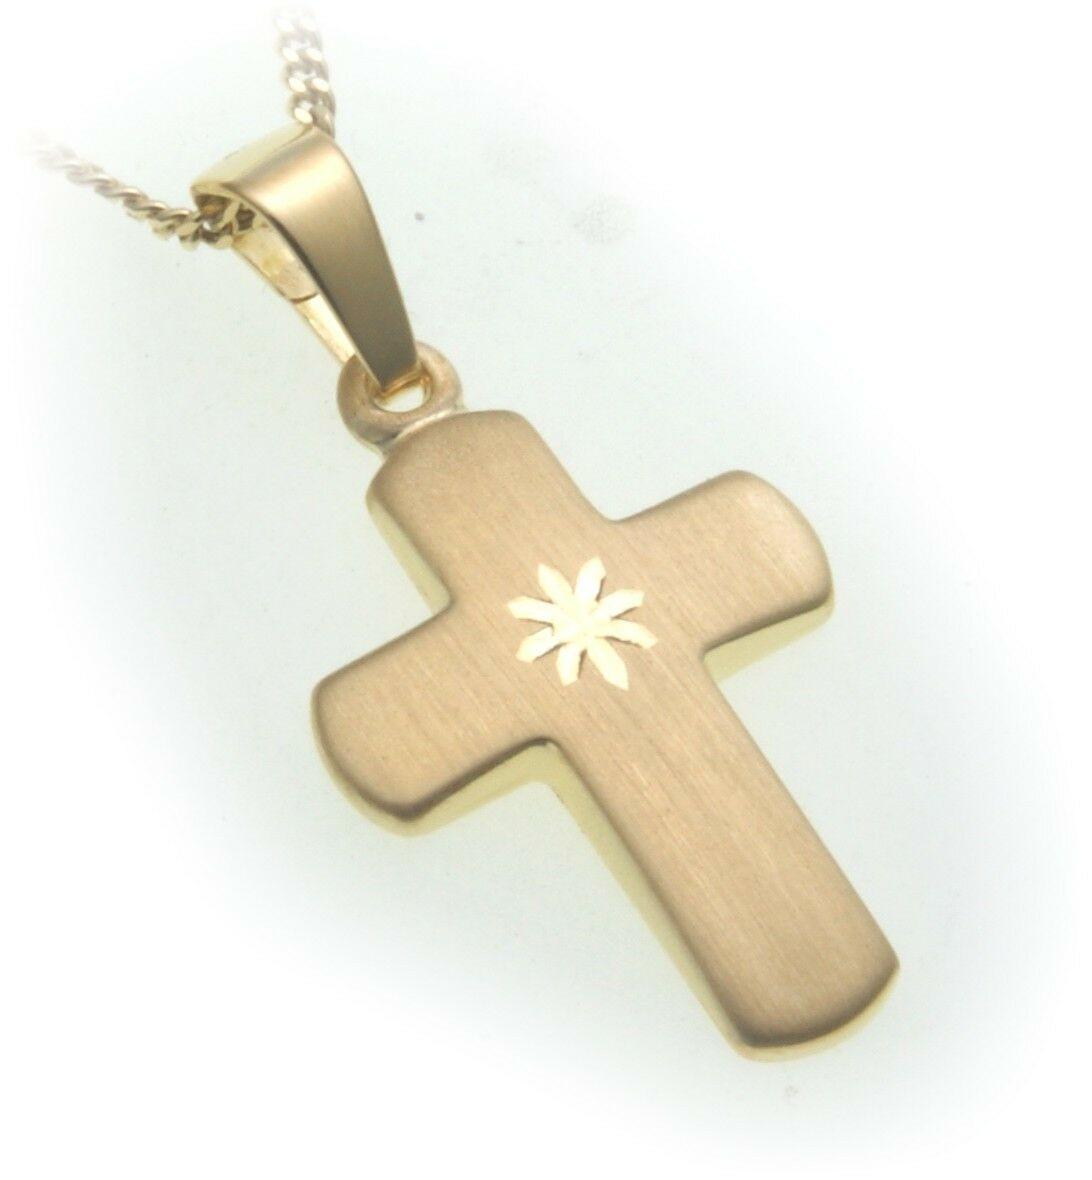 Anhänger Kreuz echt Gold 333 matt 23 mm günstig 8kt Qualität Gelbgold Unisex